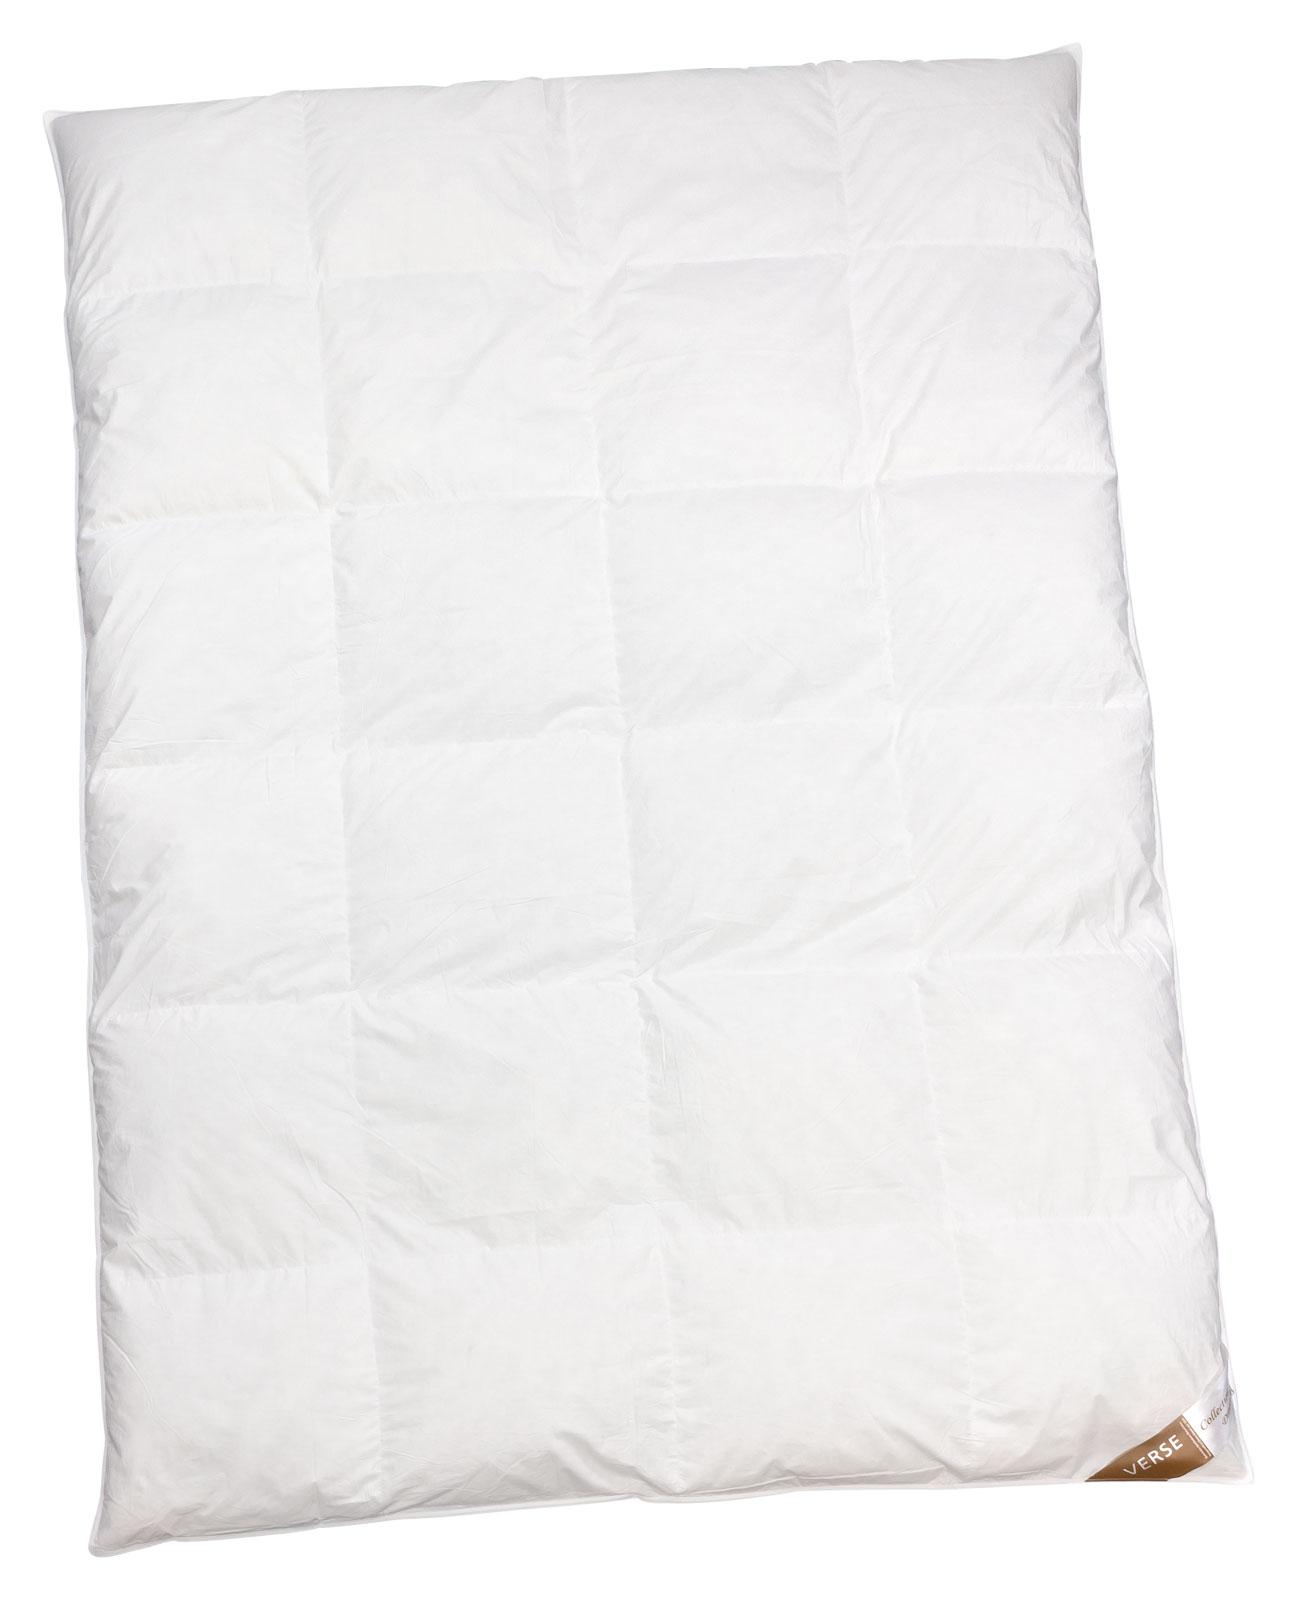 Bettdecken und Kopfkissen - Ganzjahresdecke warm Daunen Bettdecke 155x220 Verse Collection Dreaming  - Onlineshop PremiumShop321